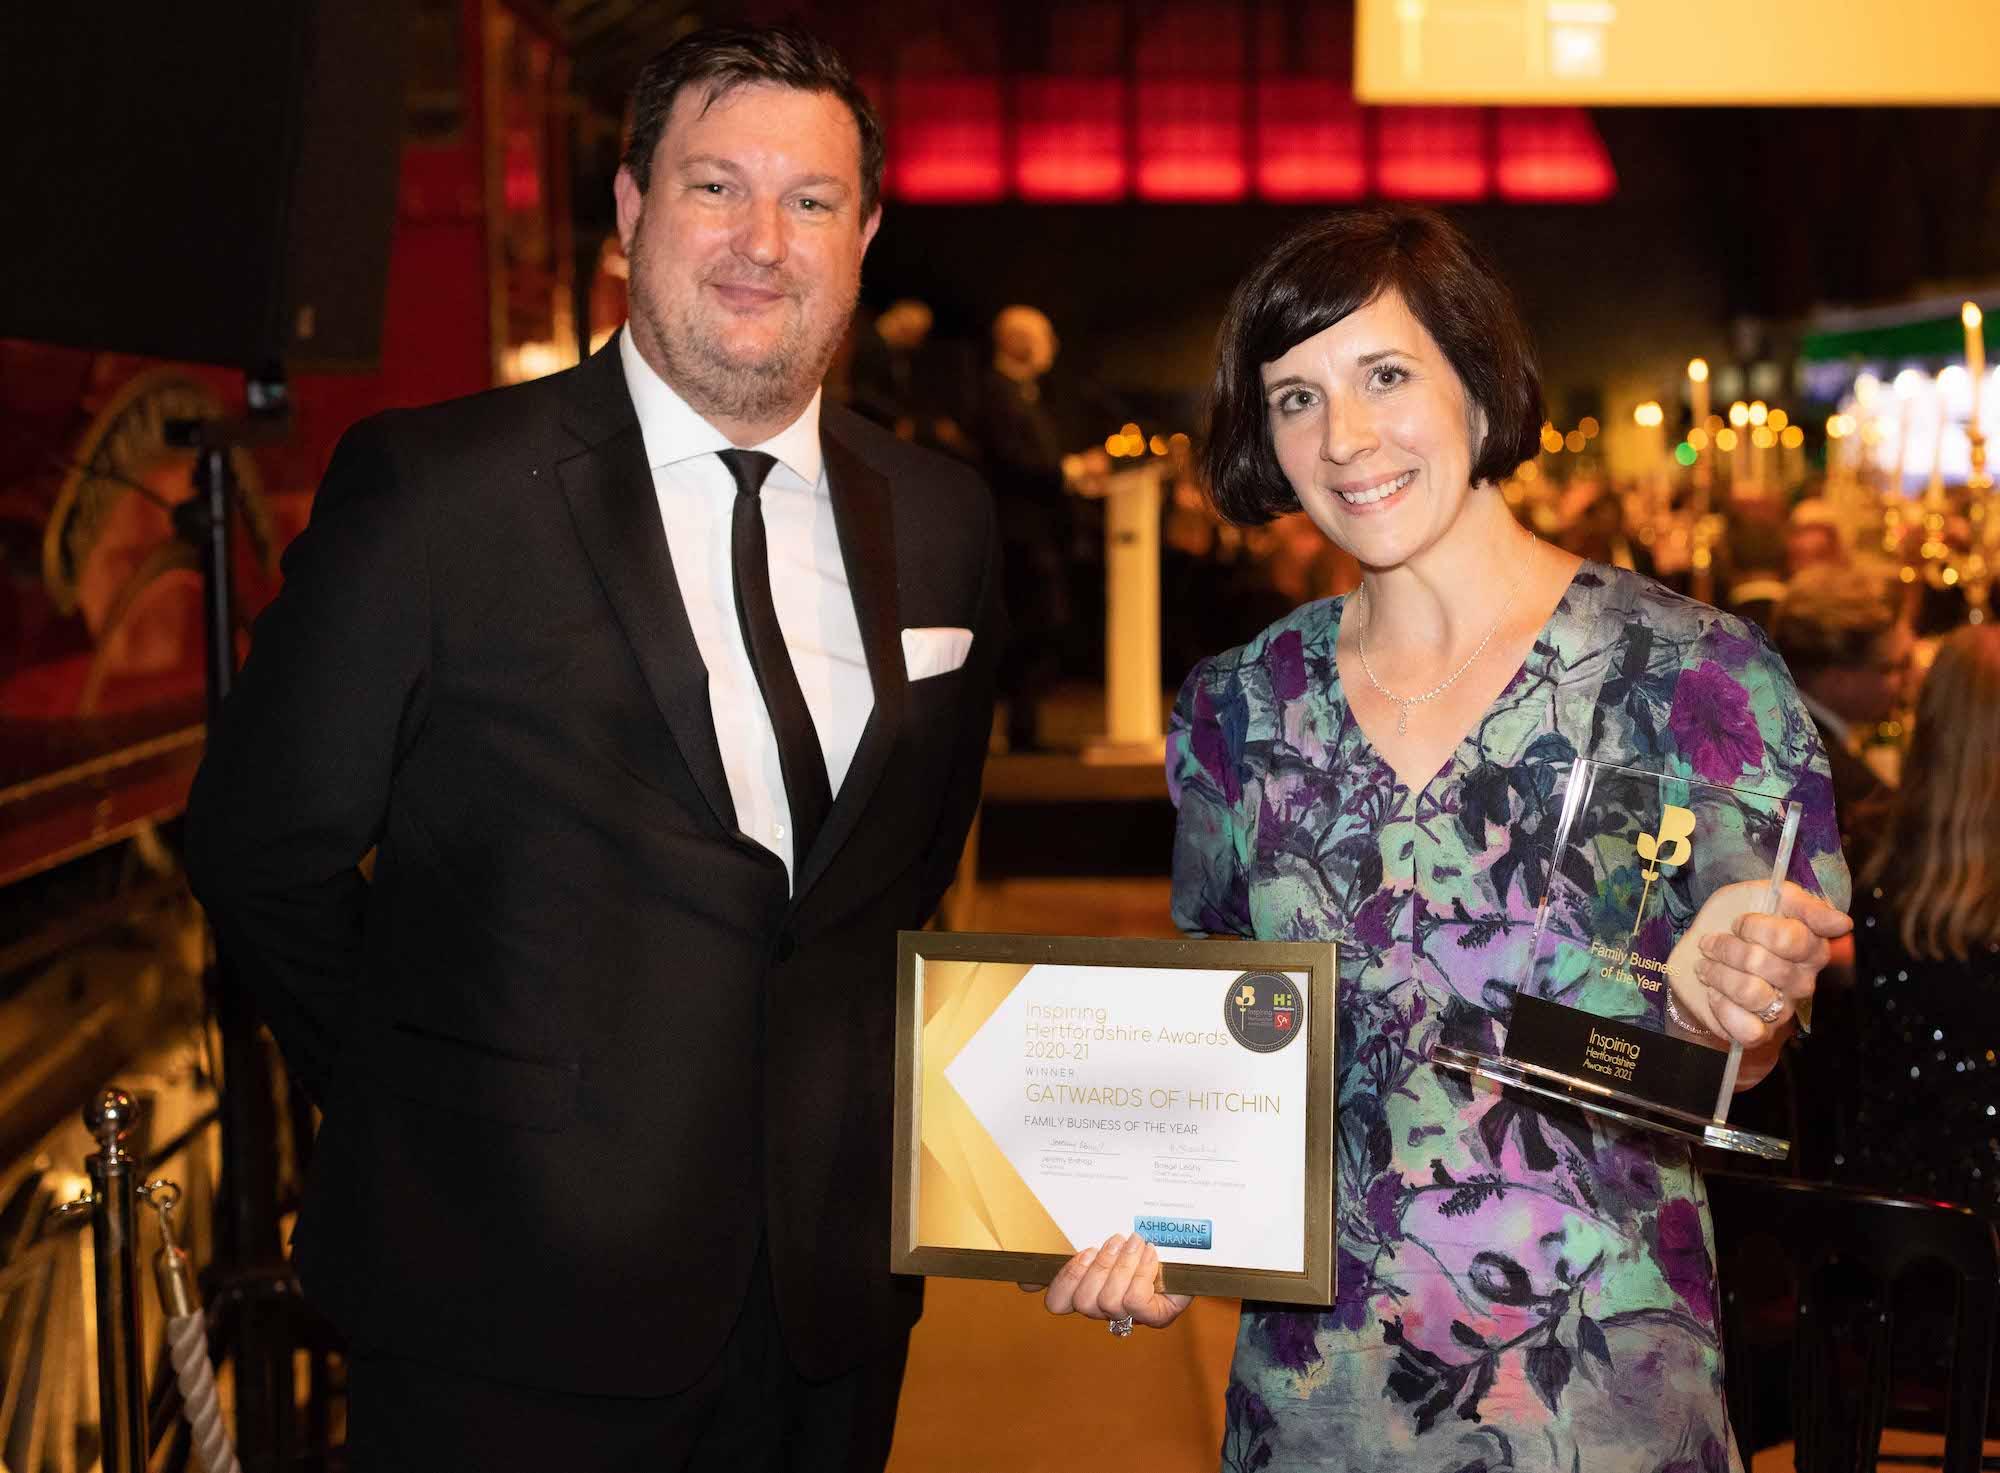 hertfordshire-chameber-of-commerce-business-awards-2021-family-business-winner-gatwards-of-hitchin.jpg